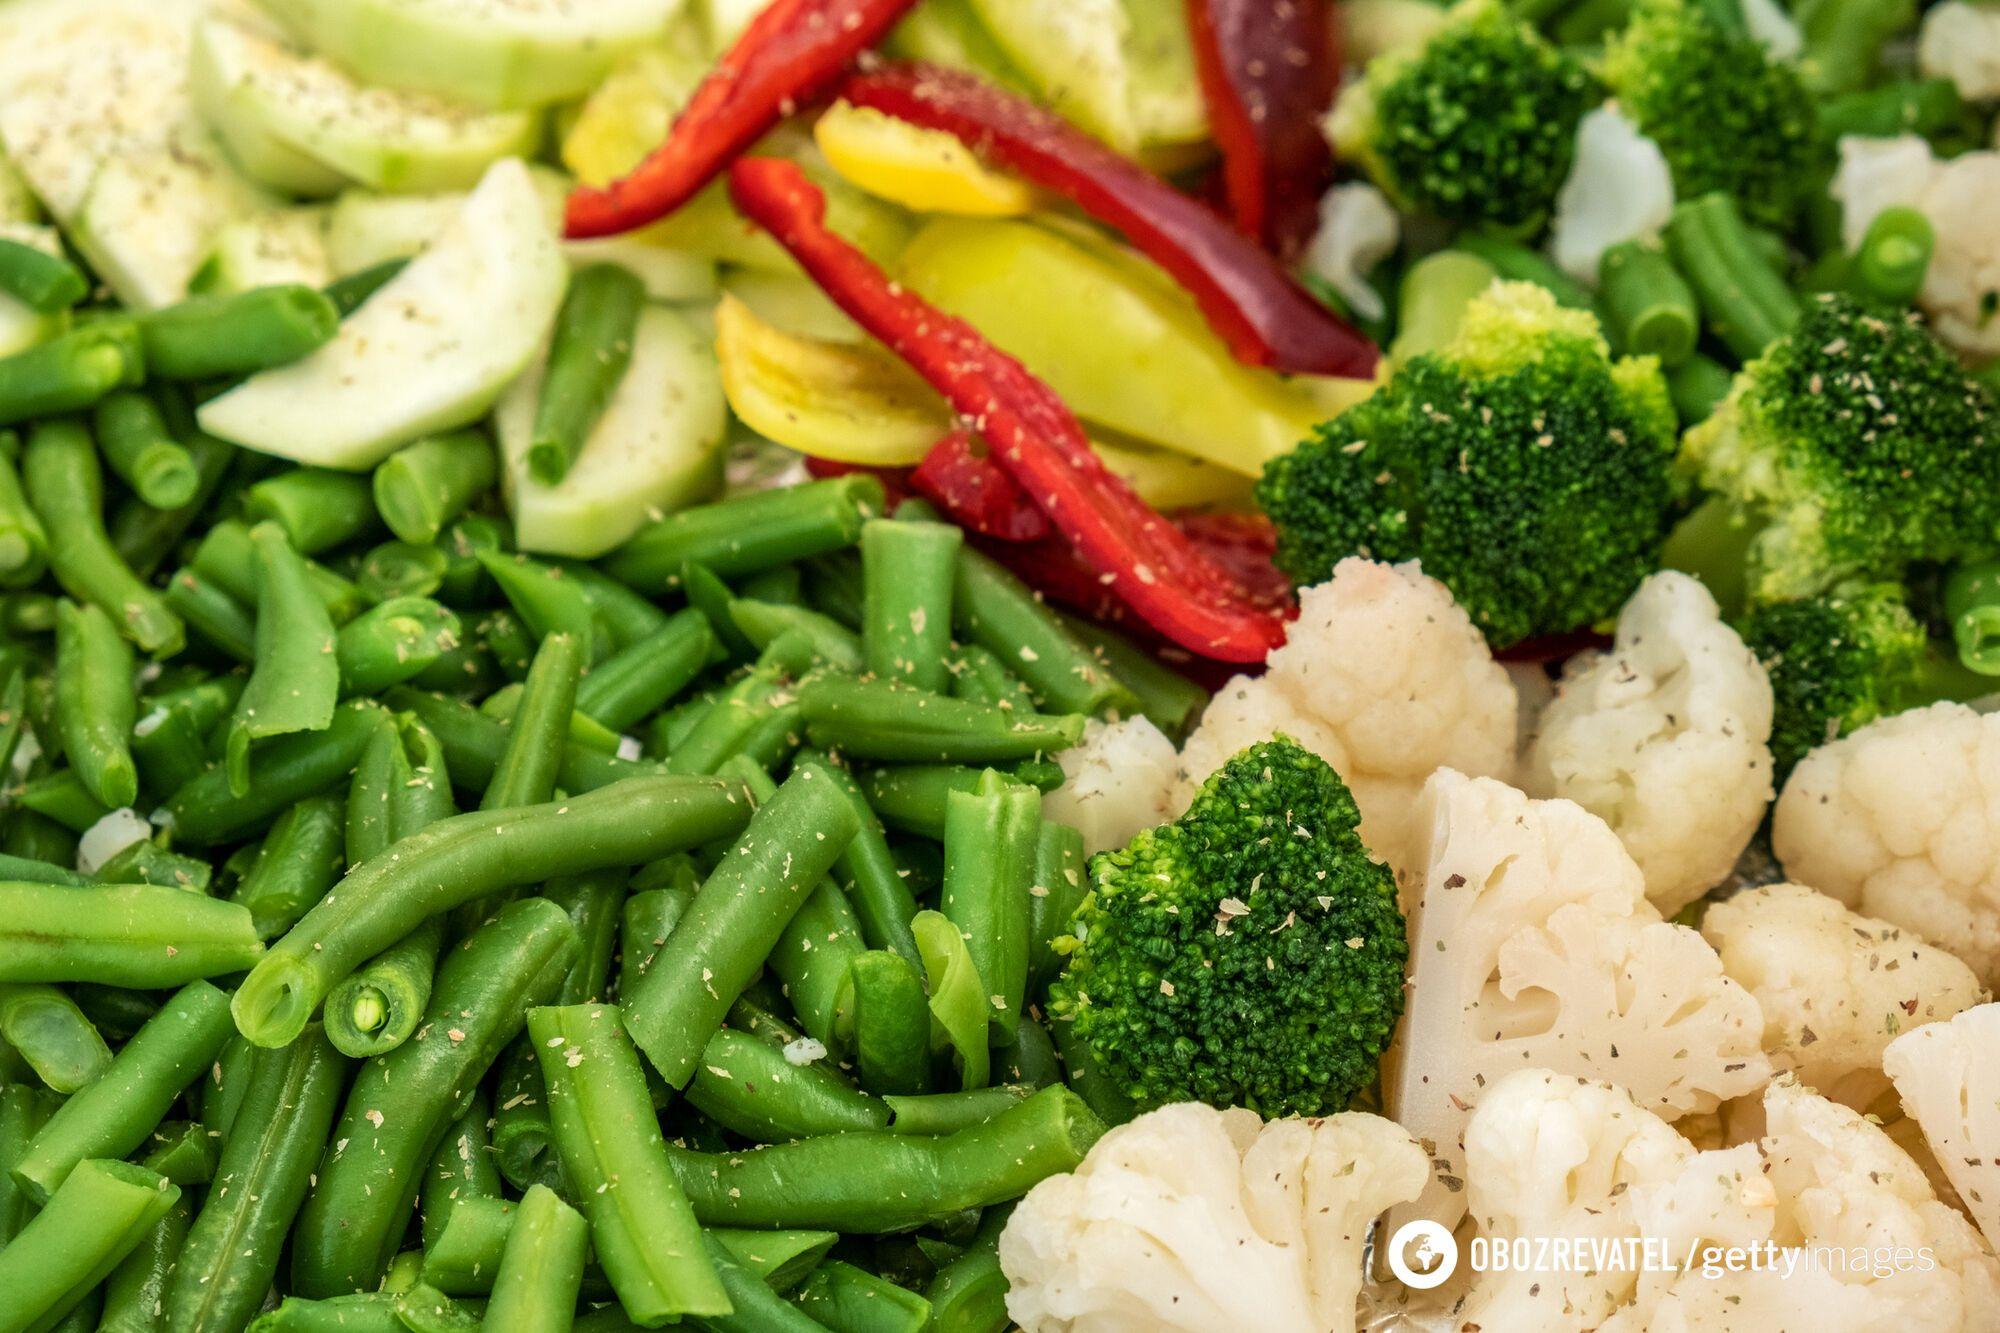 Под действием высоких температур овощи теряют полезные свойства